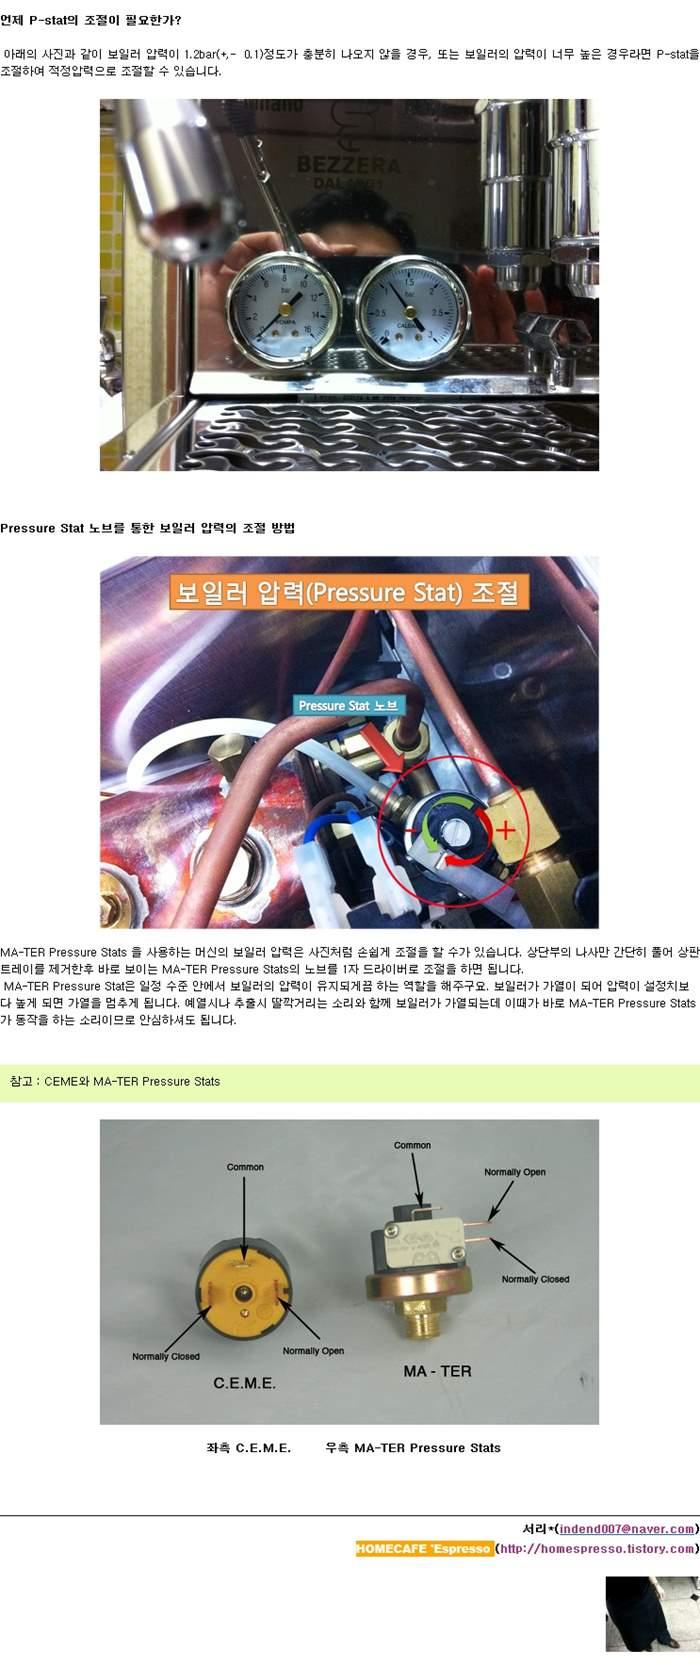 naver_com_20121023_010956.jpg